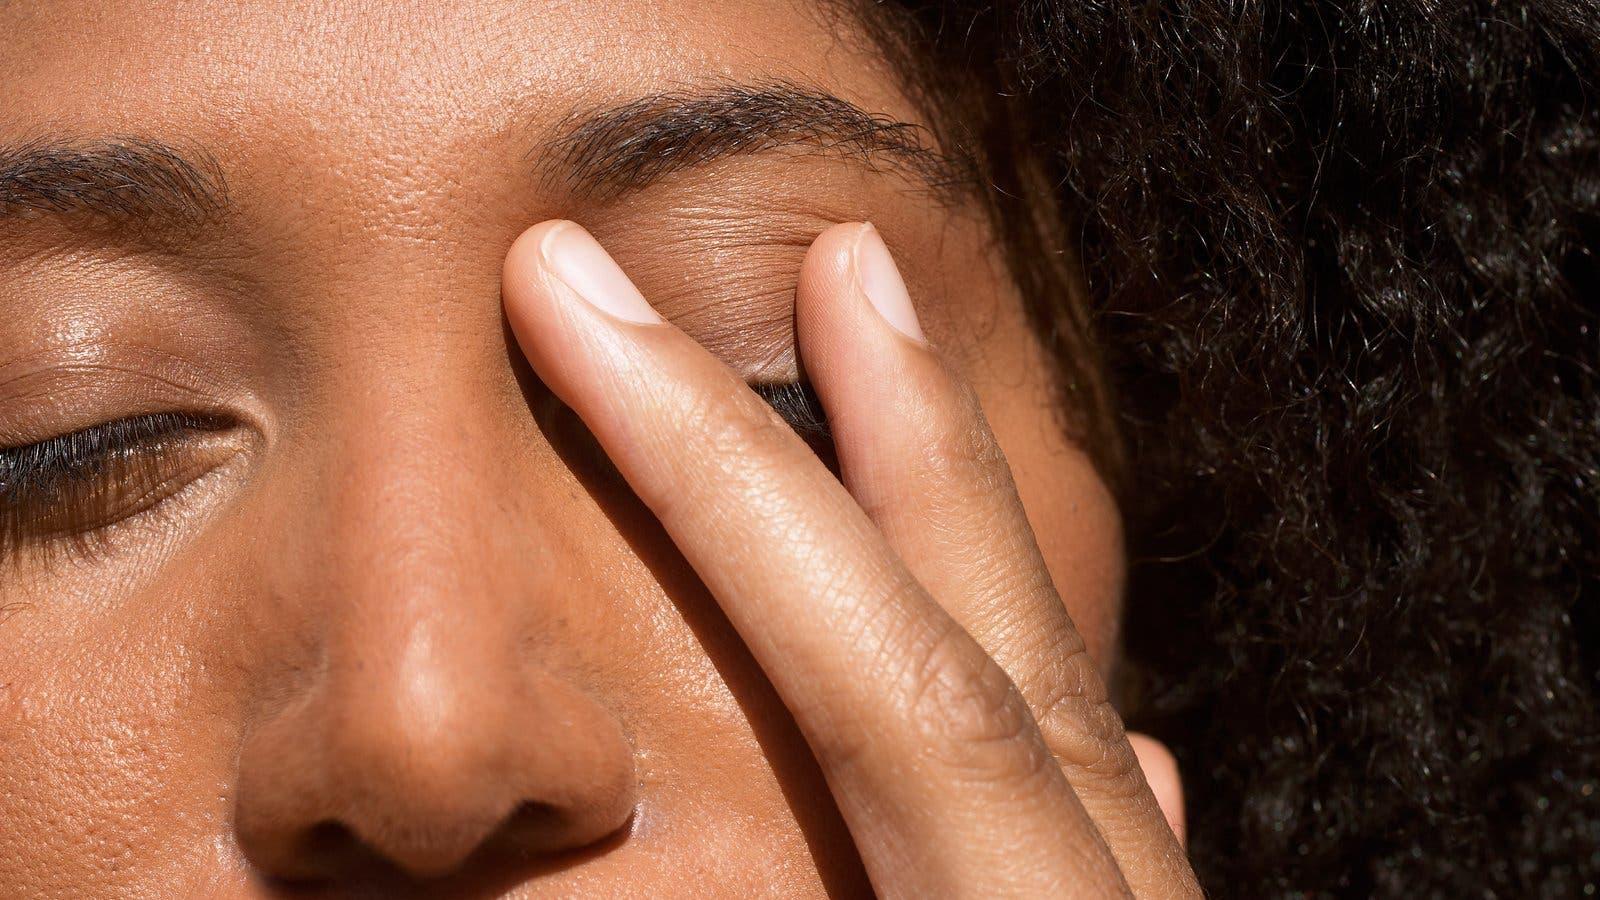 Coronavirus: ¿por qué es tan difícil dejar de tocarse la cara como recomiendan para evitar el contagio del covid-19?